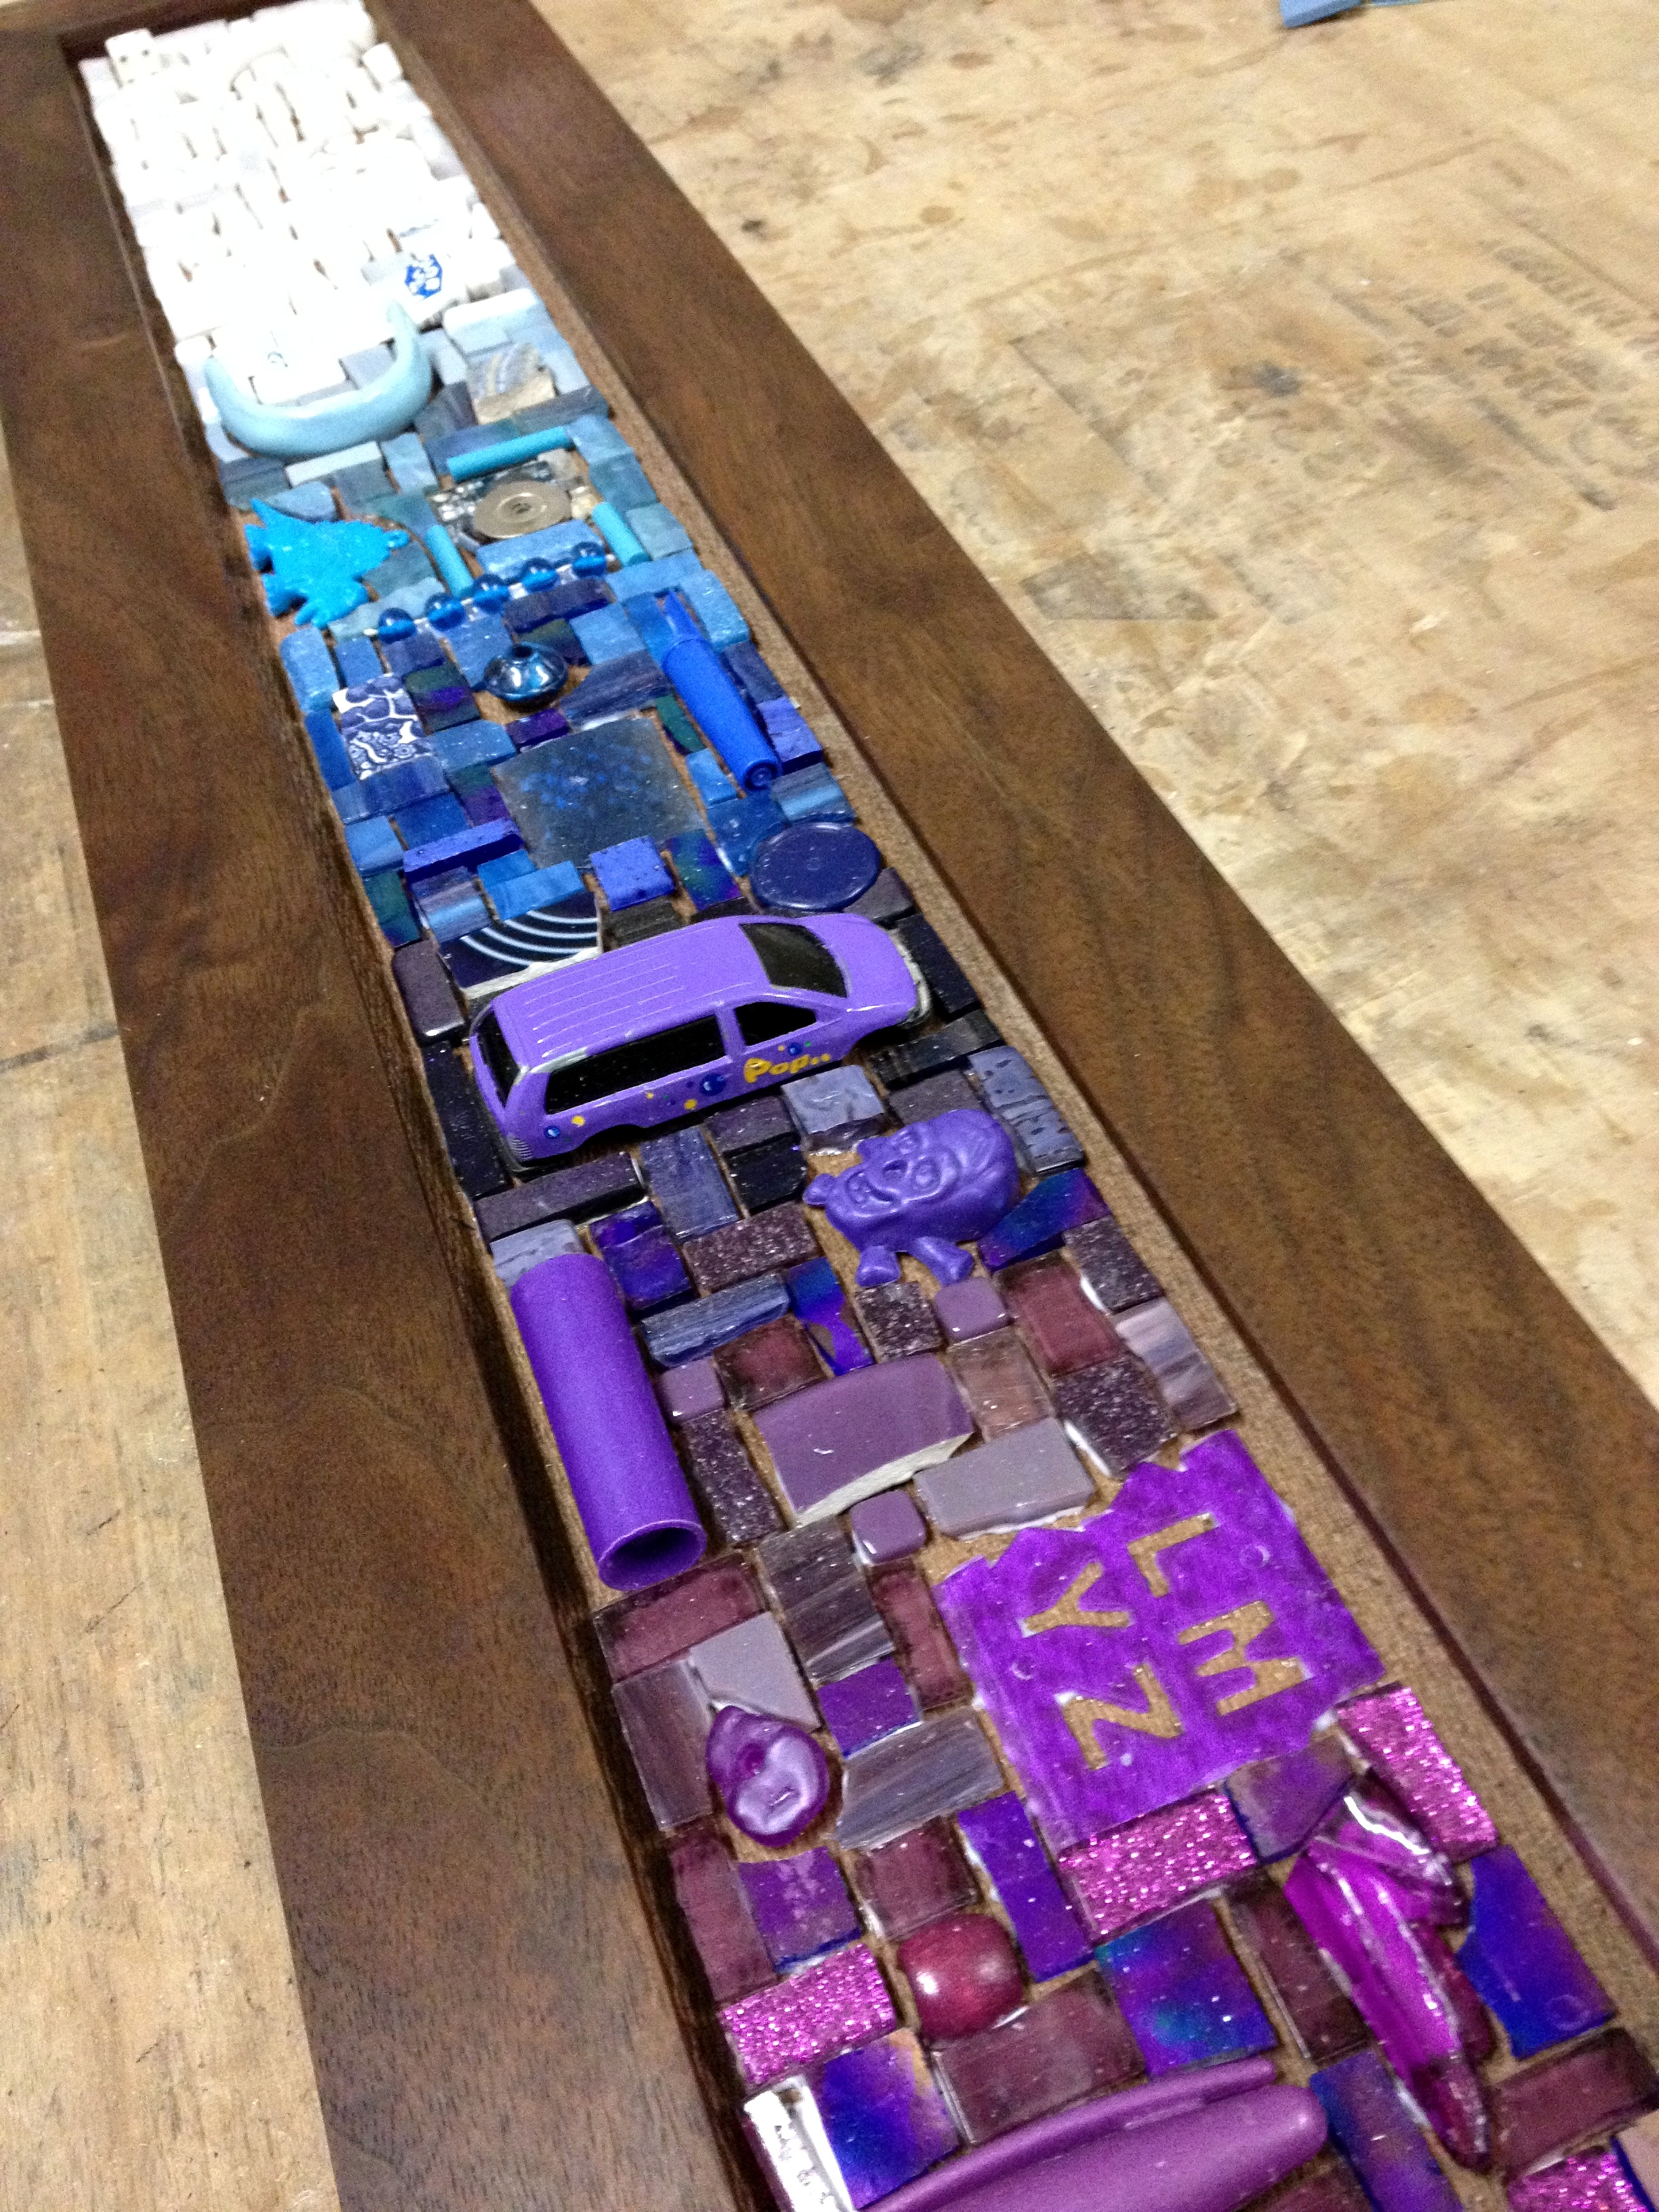 Custom six hook mosaic coat rack in purple, blue, and white